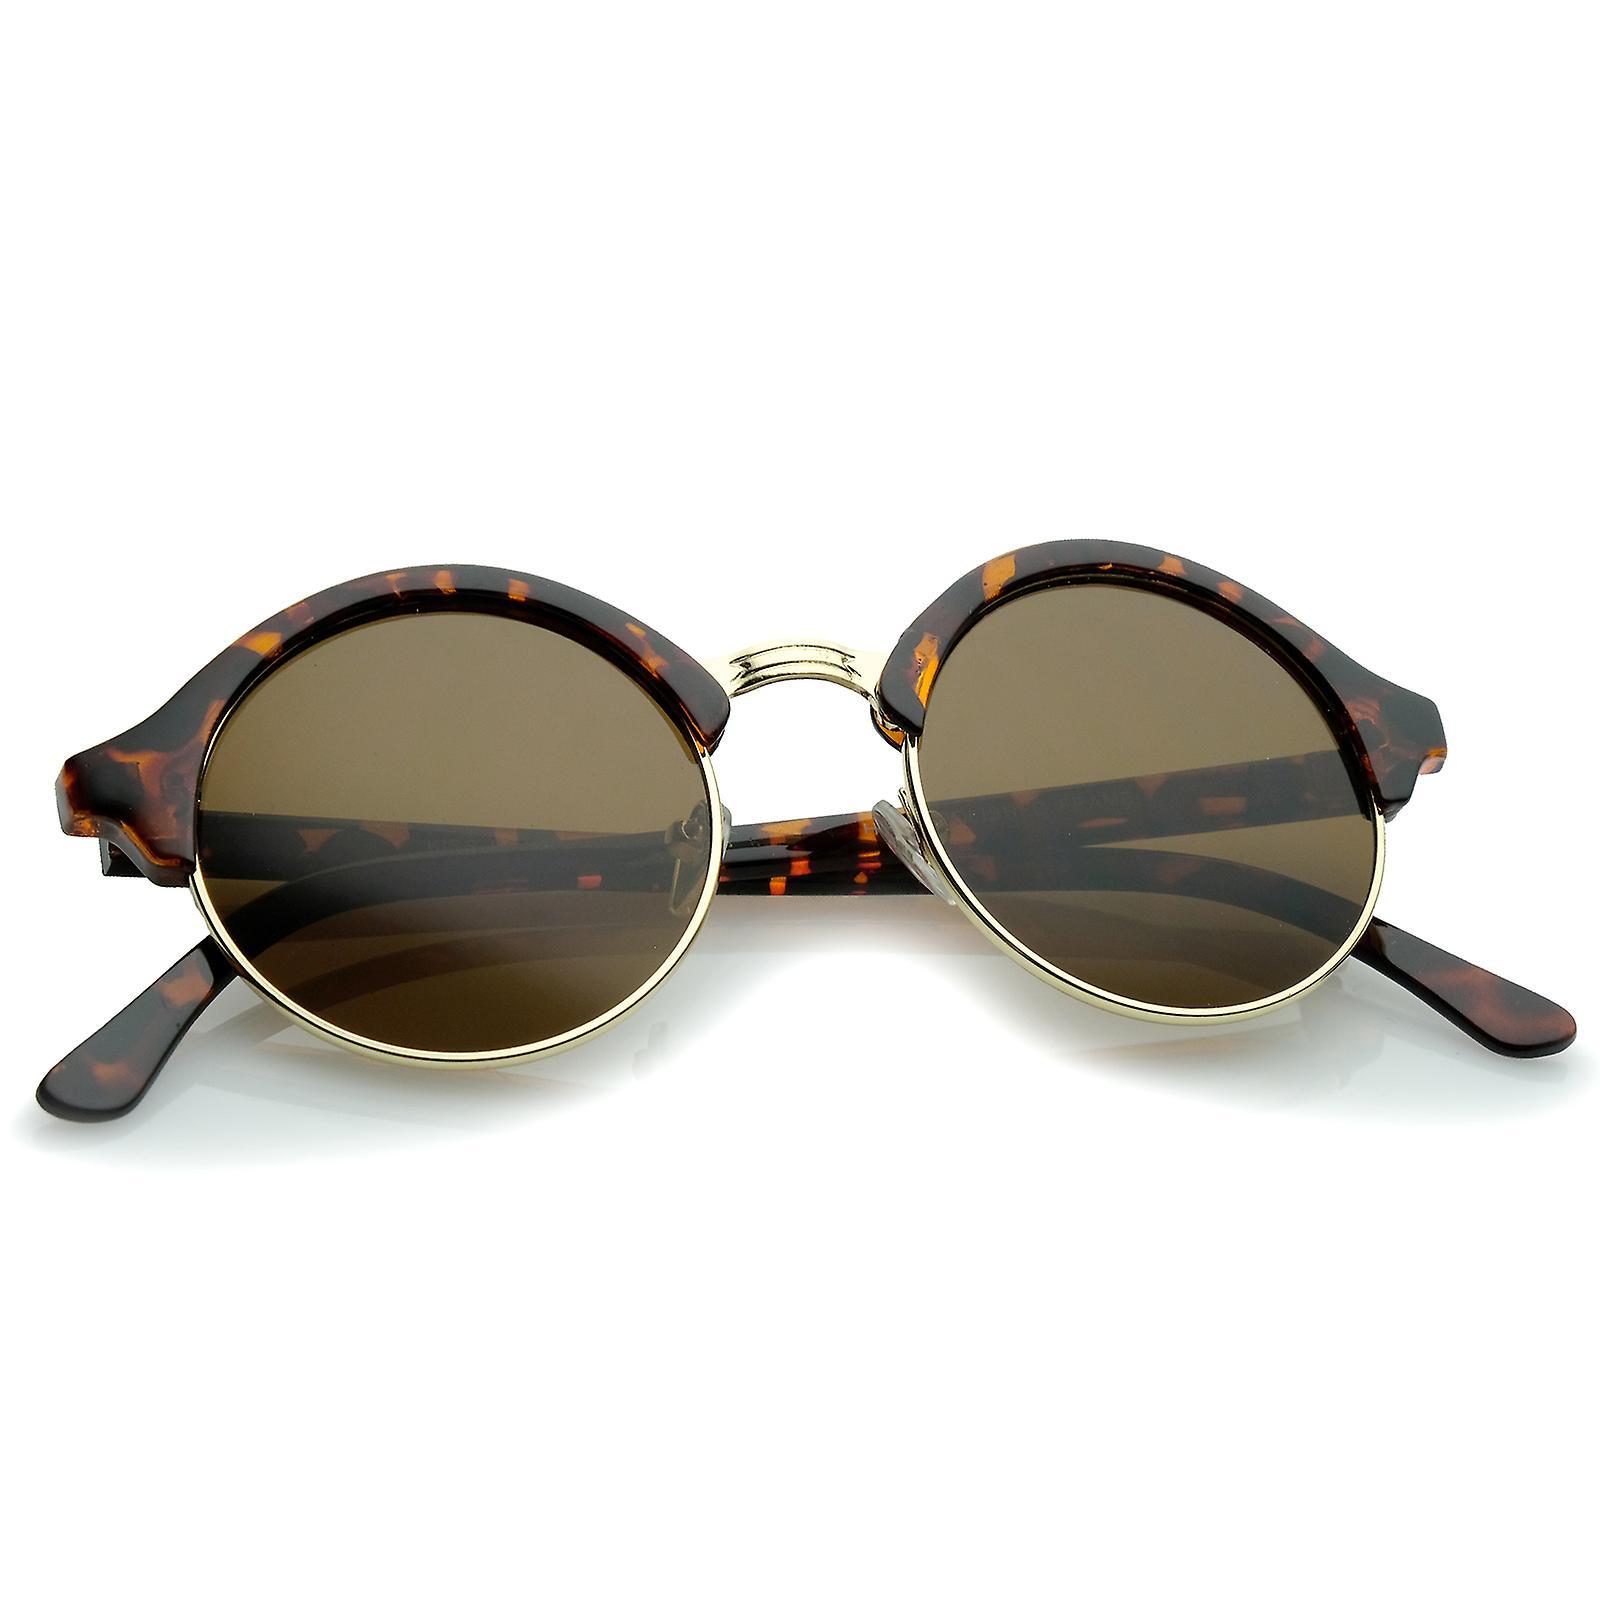 Classic Semi-Rimless Metal Nose Bridge P3 Round Sunglasses 47mm